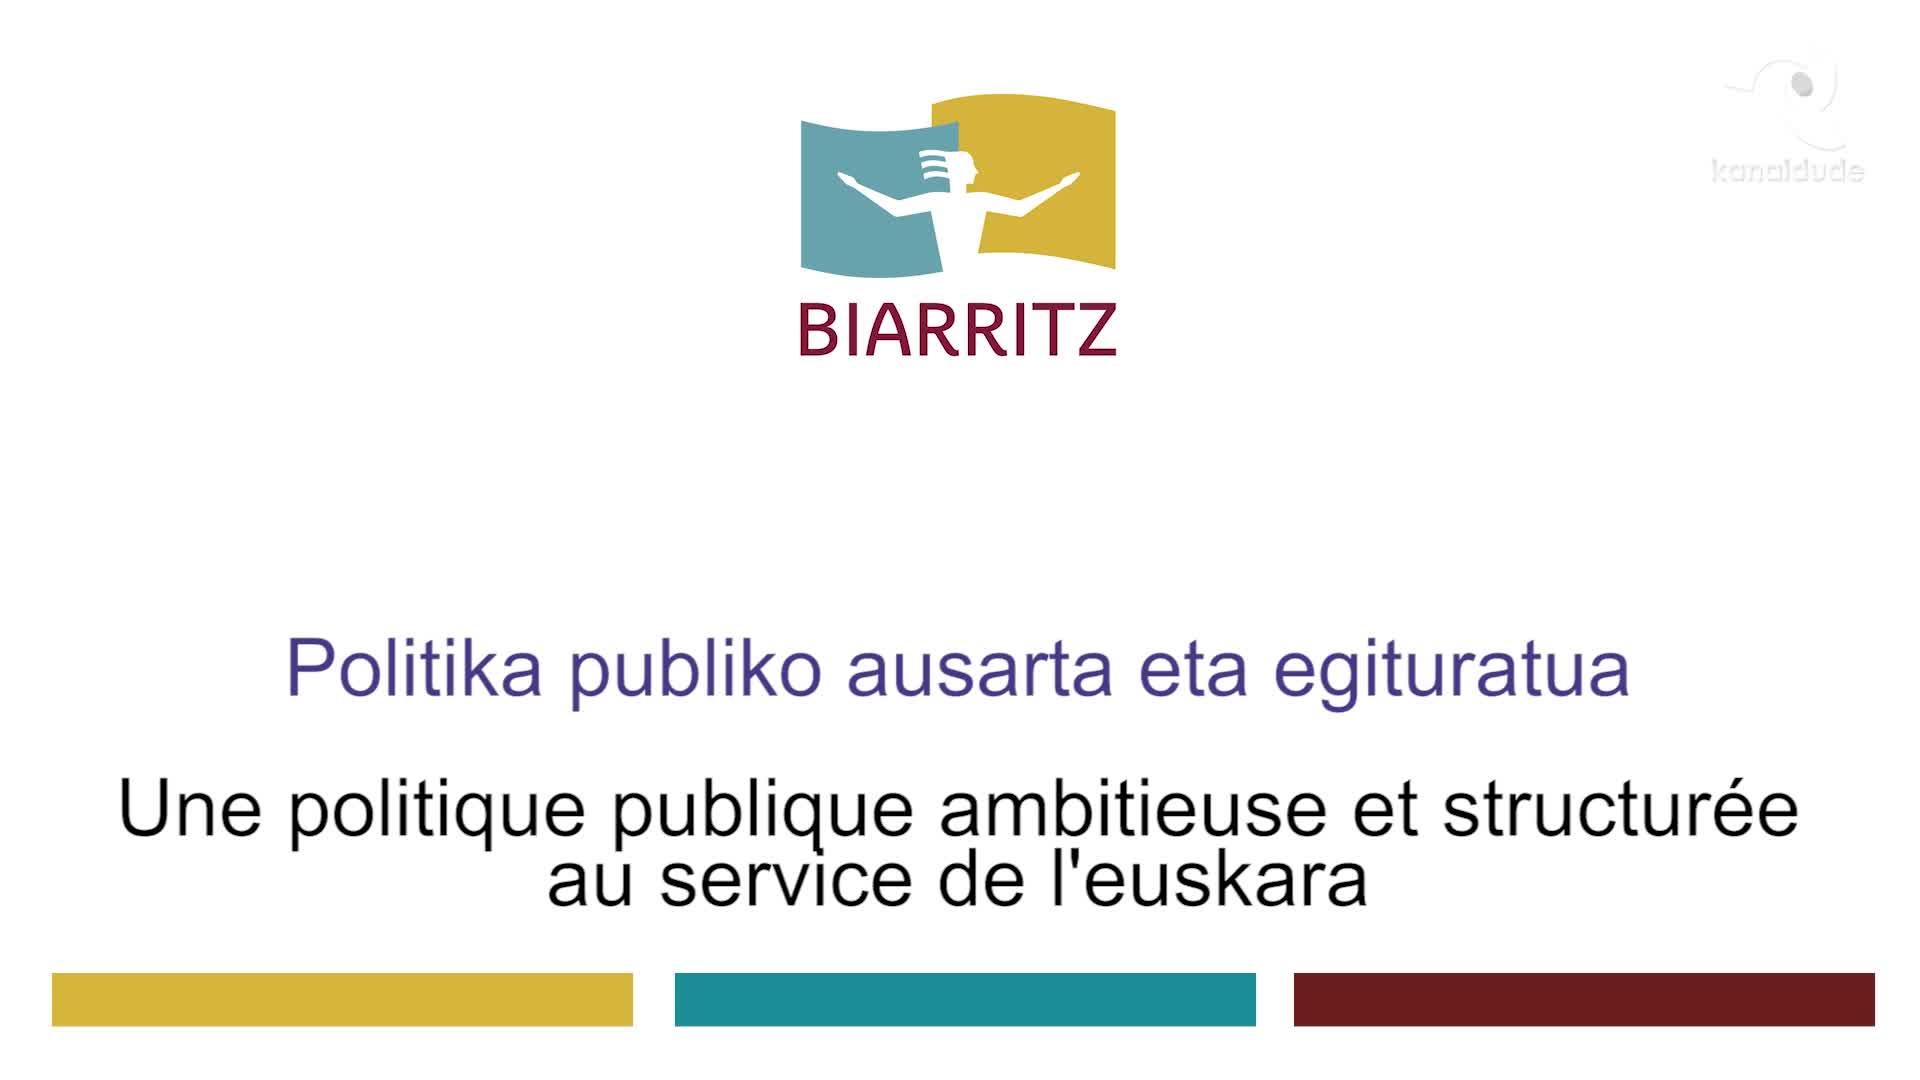 Zuzenbide adituari 5 galdera - Eneritz Zabaleta